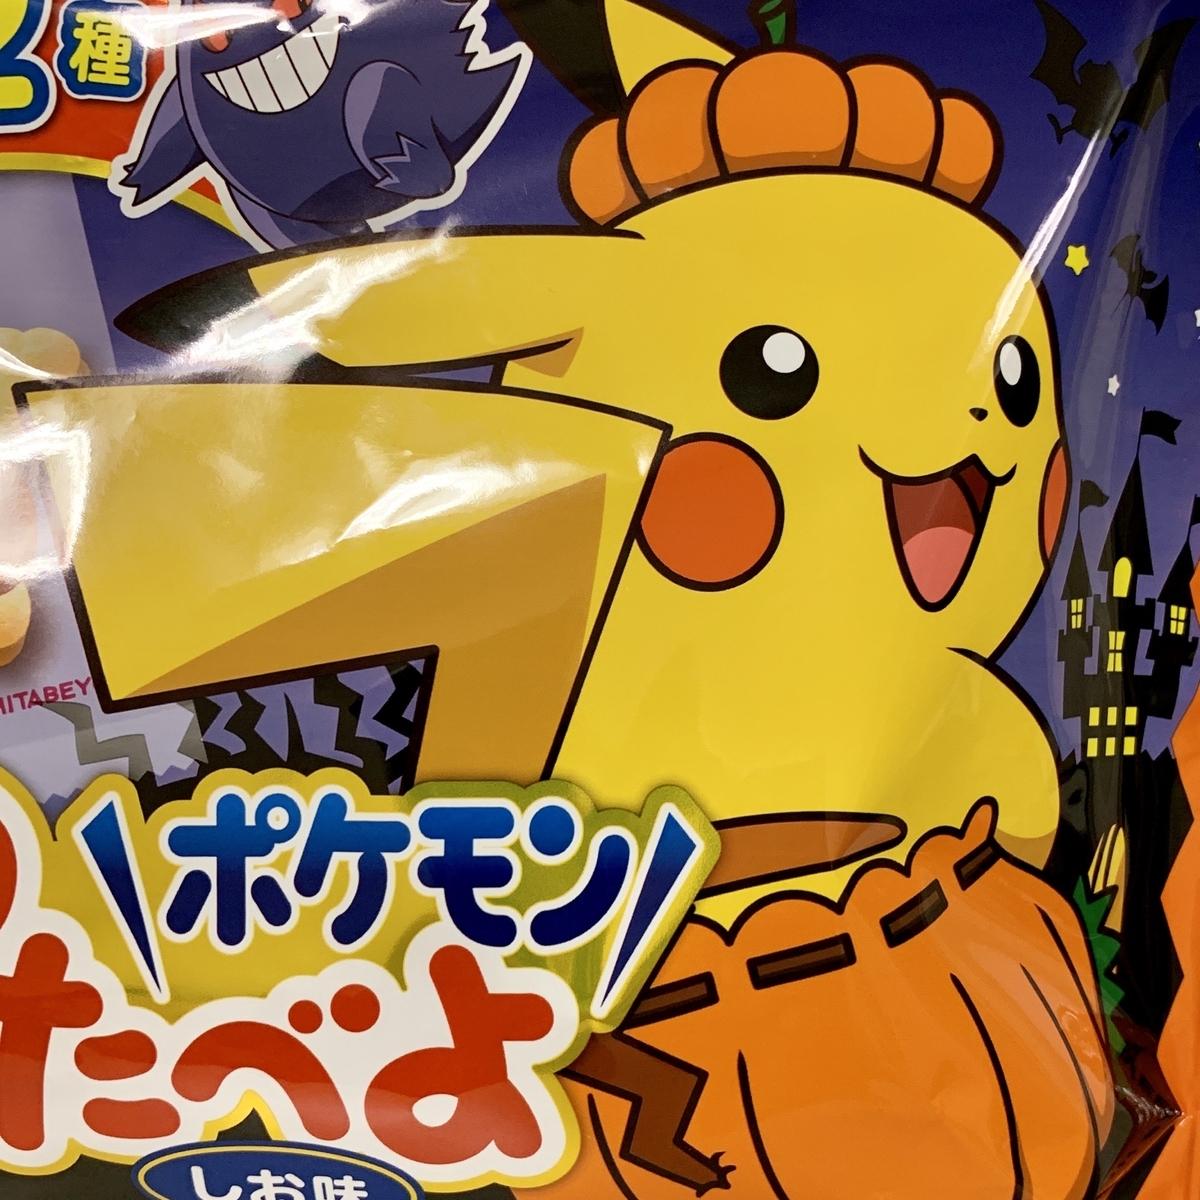 f:id:pikachu_pcn:20200828215610j:plain